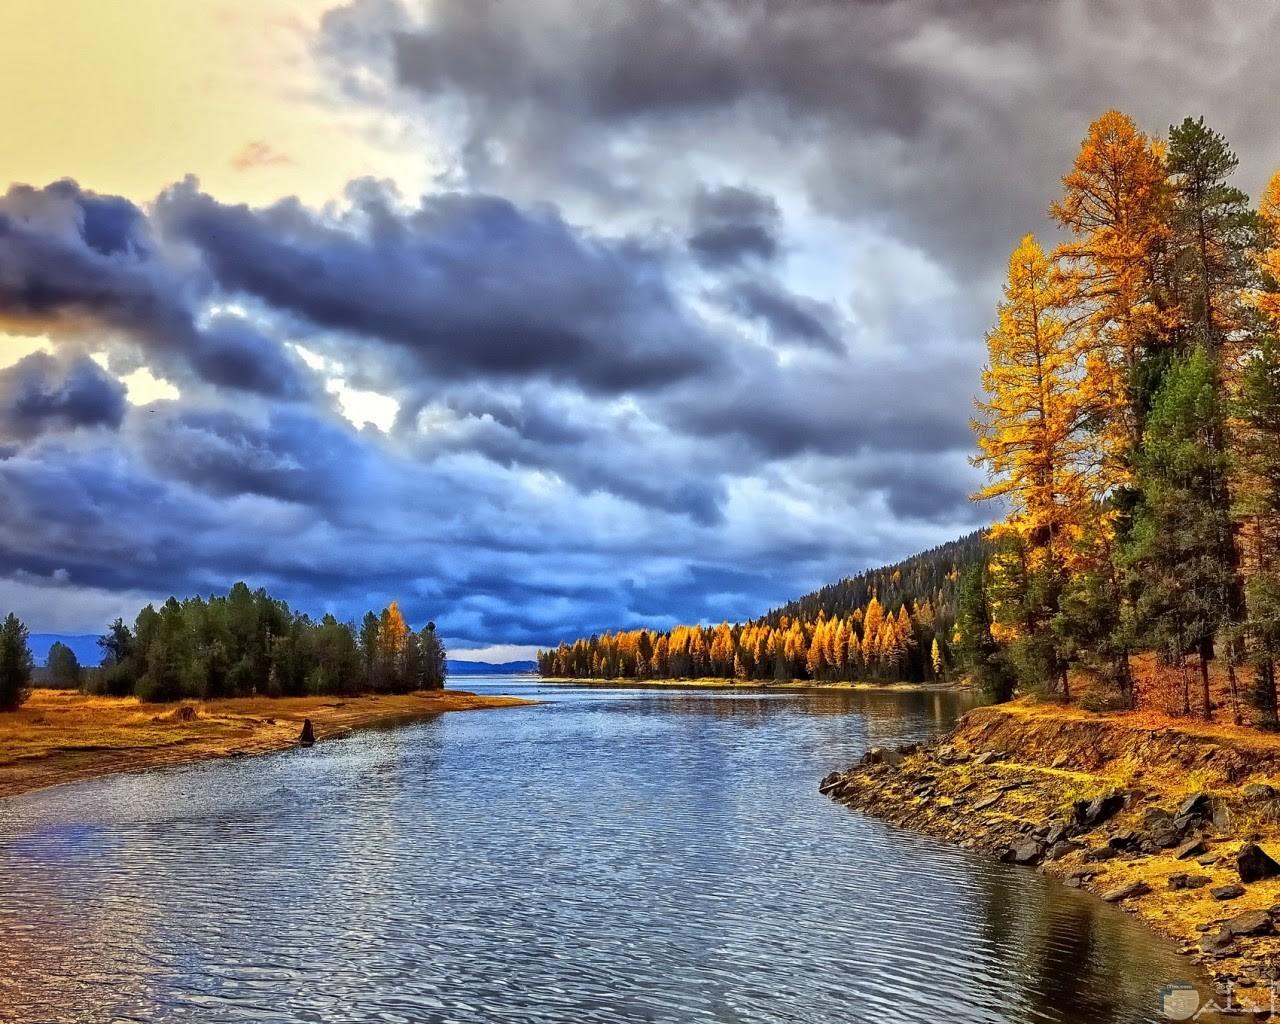 جمال الطبيعة الساحرة مع الجبال و الغيوم.